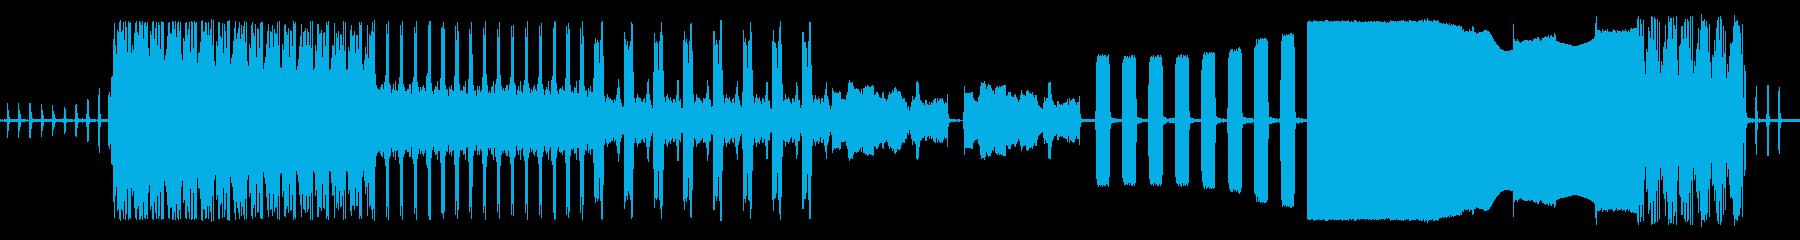 車のアラームバイパーモデルフルシーケンスの再生済みの波形